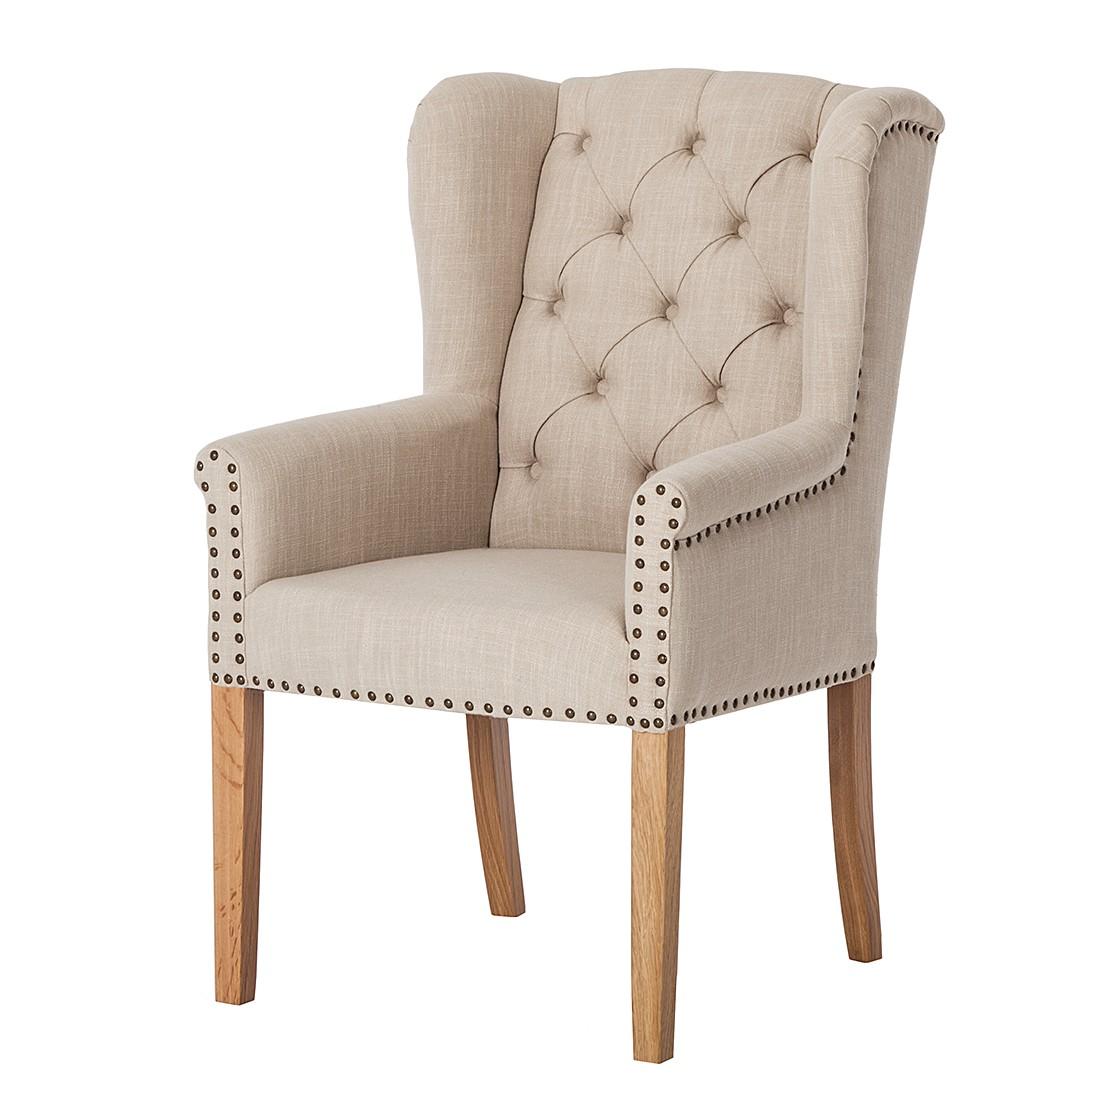 Bezaubernd Esstisch Stühle Beige Referenz Von